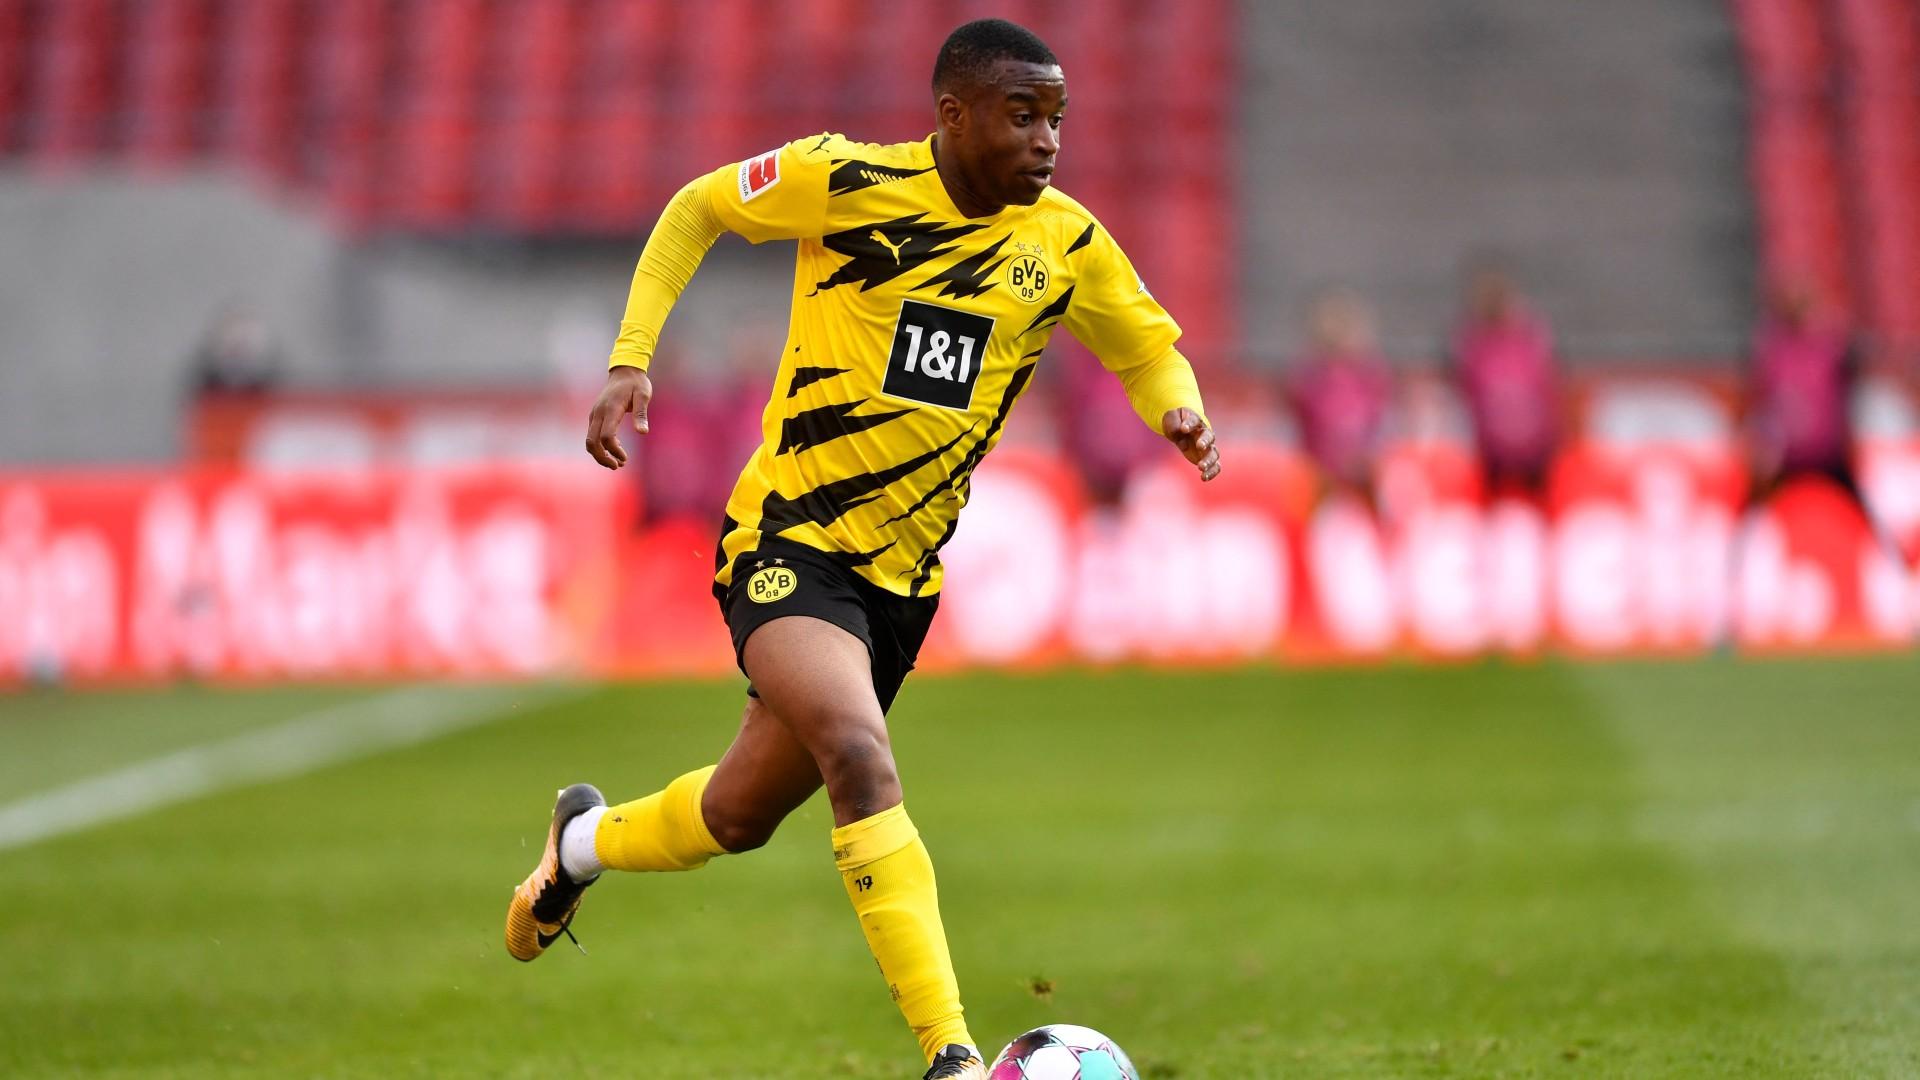 Borussia Dortmund, infortunio per Moukoko: stagione finita e addio Europei Under 21